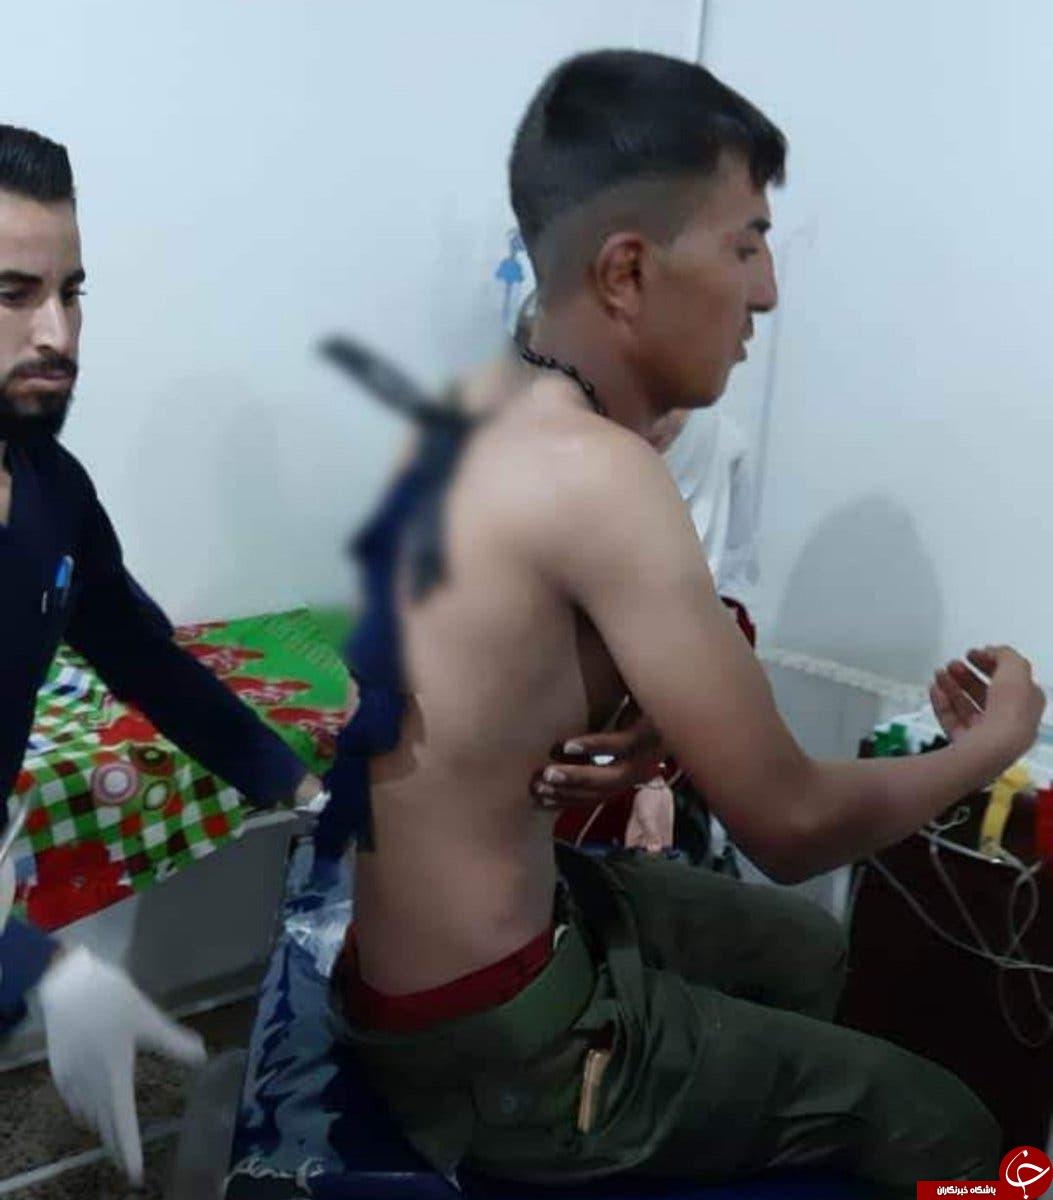 حمله وحشتناک زن داعشی با چاقو به نگهبان سوری + تصاویر